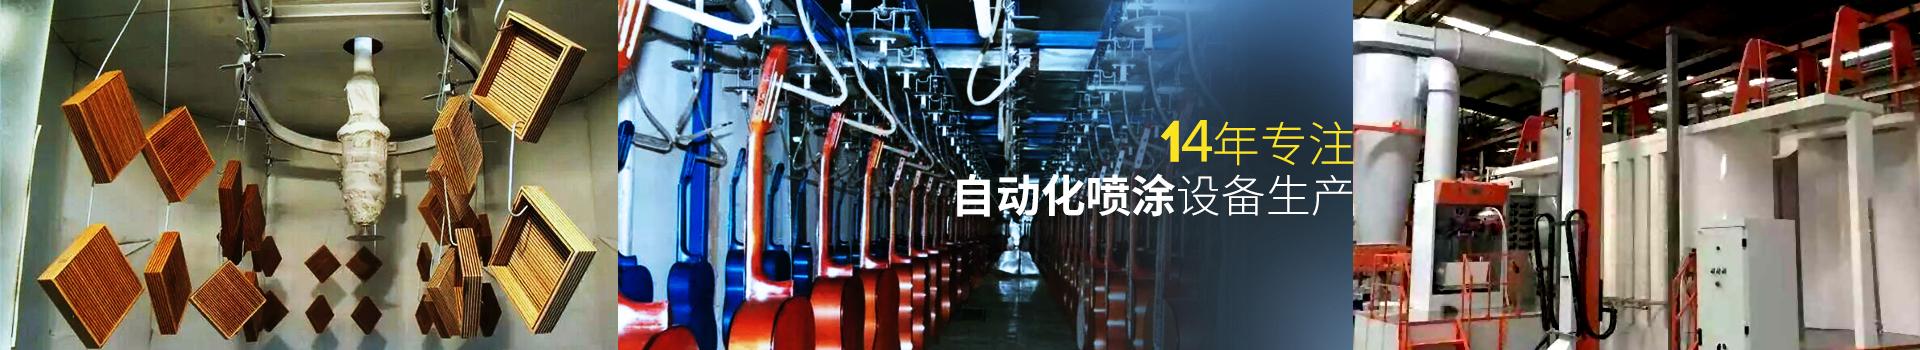 沐鸣2-14年专注自动化喷涂设备生产